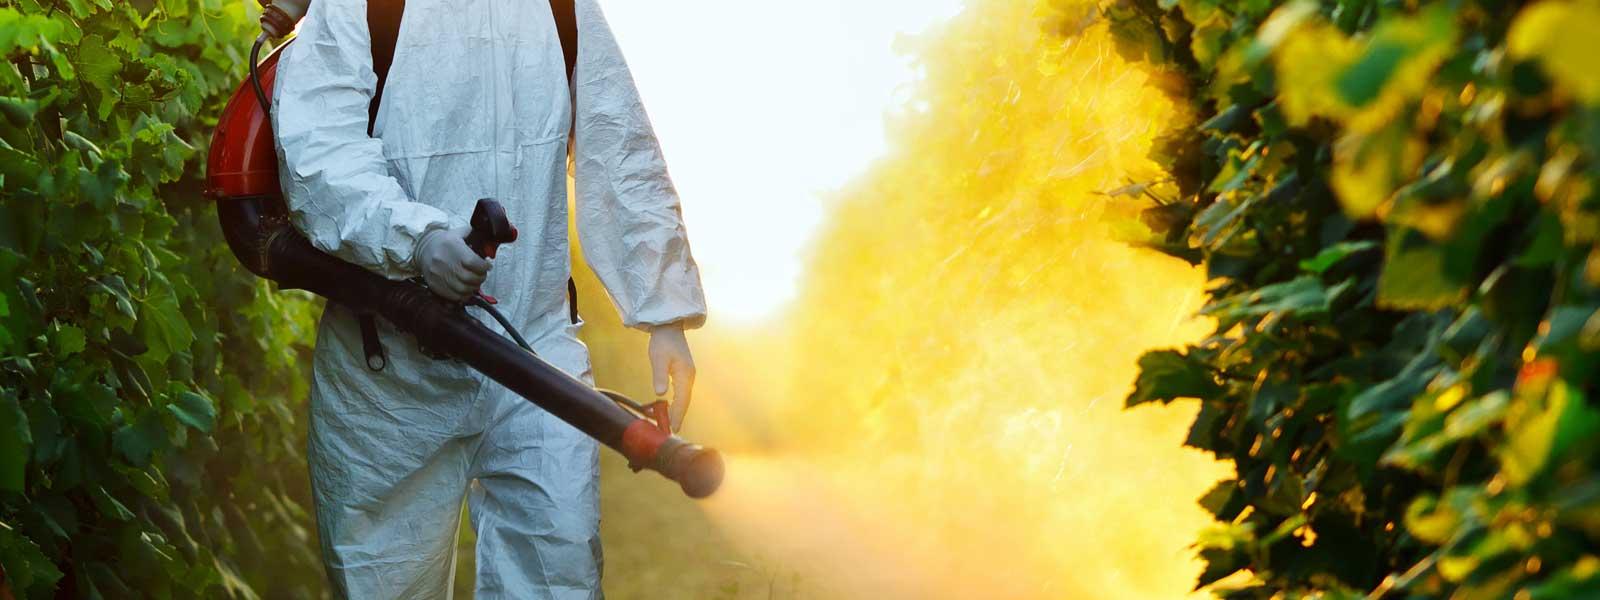 Diệt Muỗi Hiệp Toàn Phát